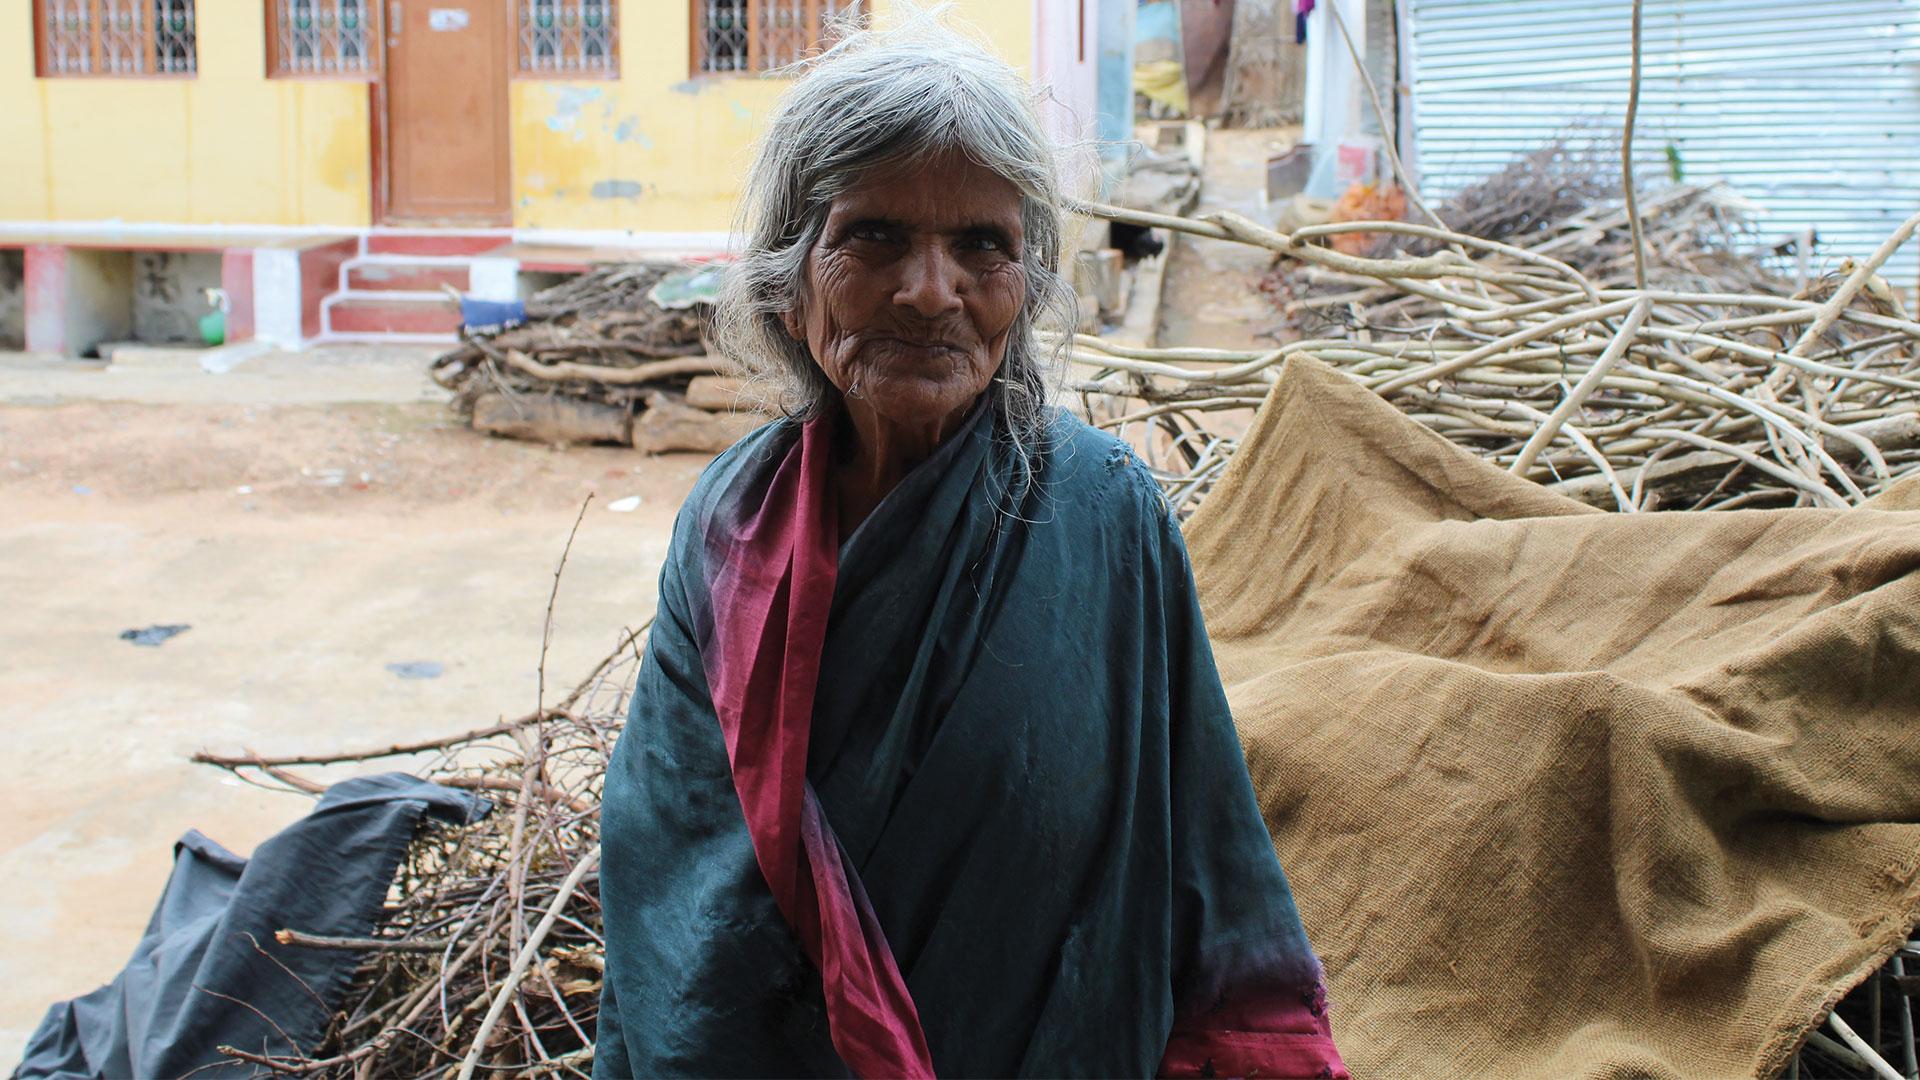 Elderly carer stood outside in India